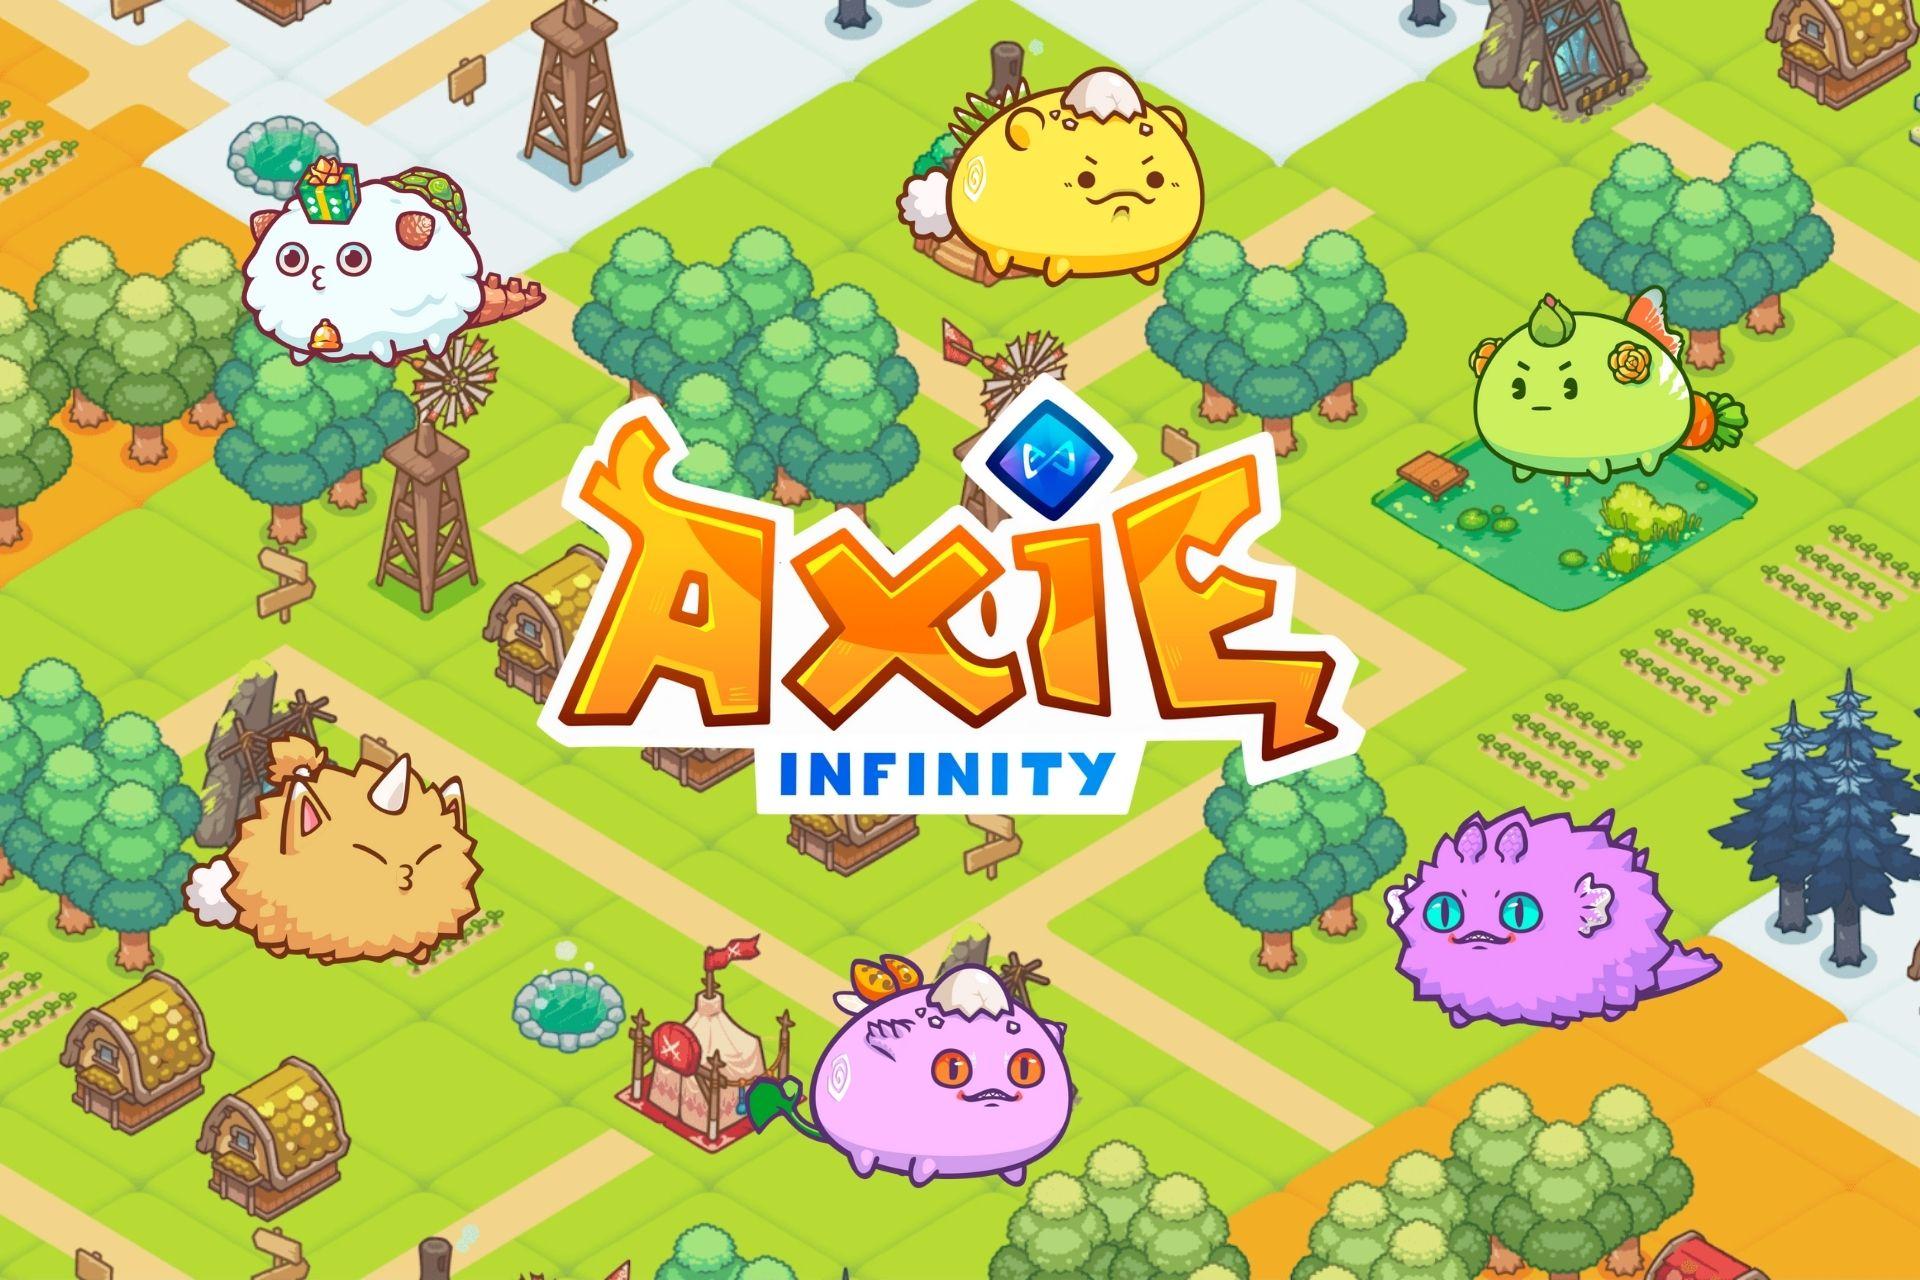 Jugadores de Axie Infinity en Venezuela ahora pueden comprar y vender sus tokens SLP por bolívares a través del mercado P2P de Binance, que además obsequiará una beca completa del juego blockchain